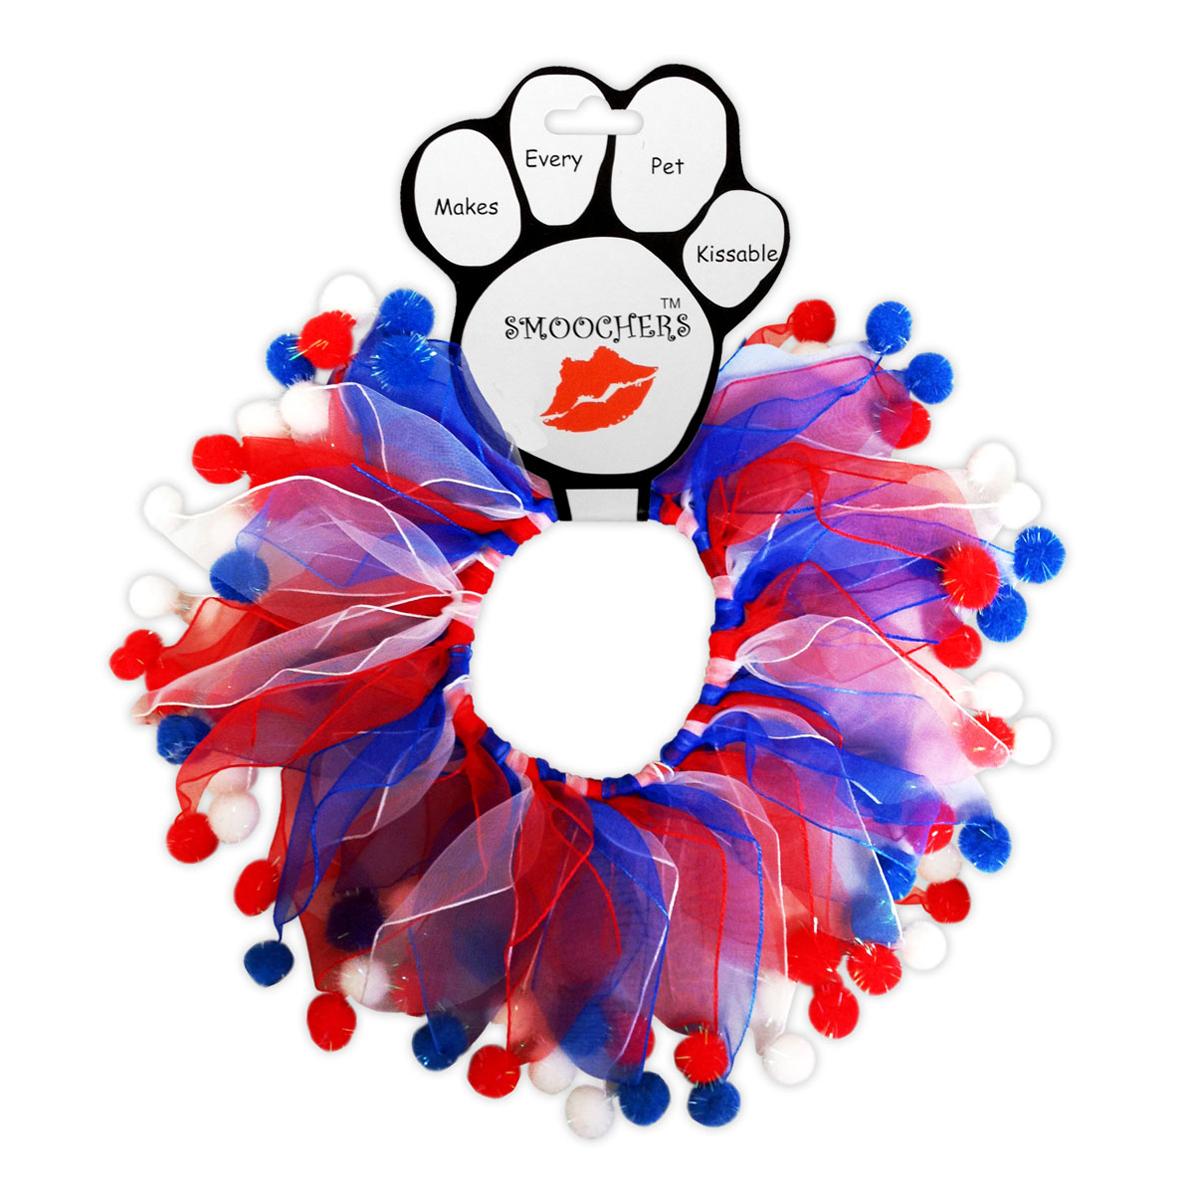 Smoochers Dog and Cat Scrunchie - Patriotic Fuzzy Wuzzy